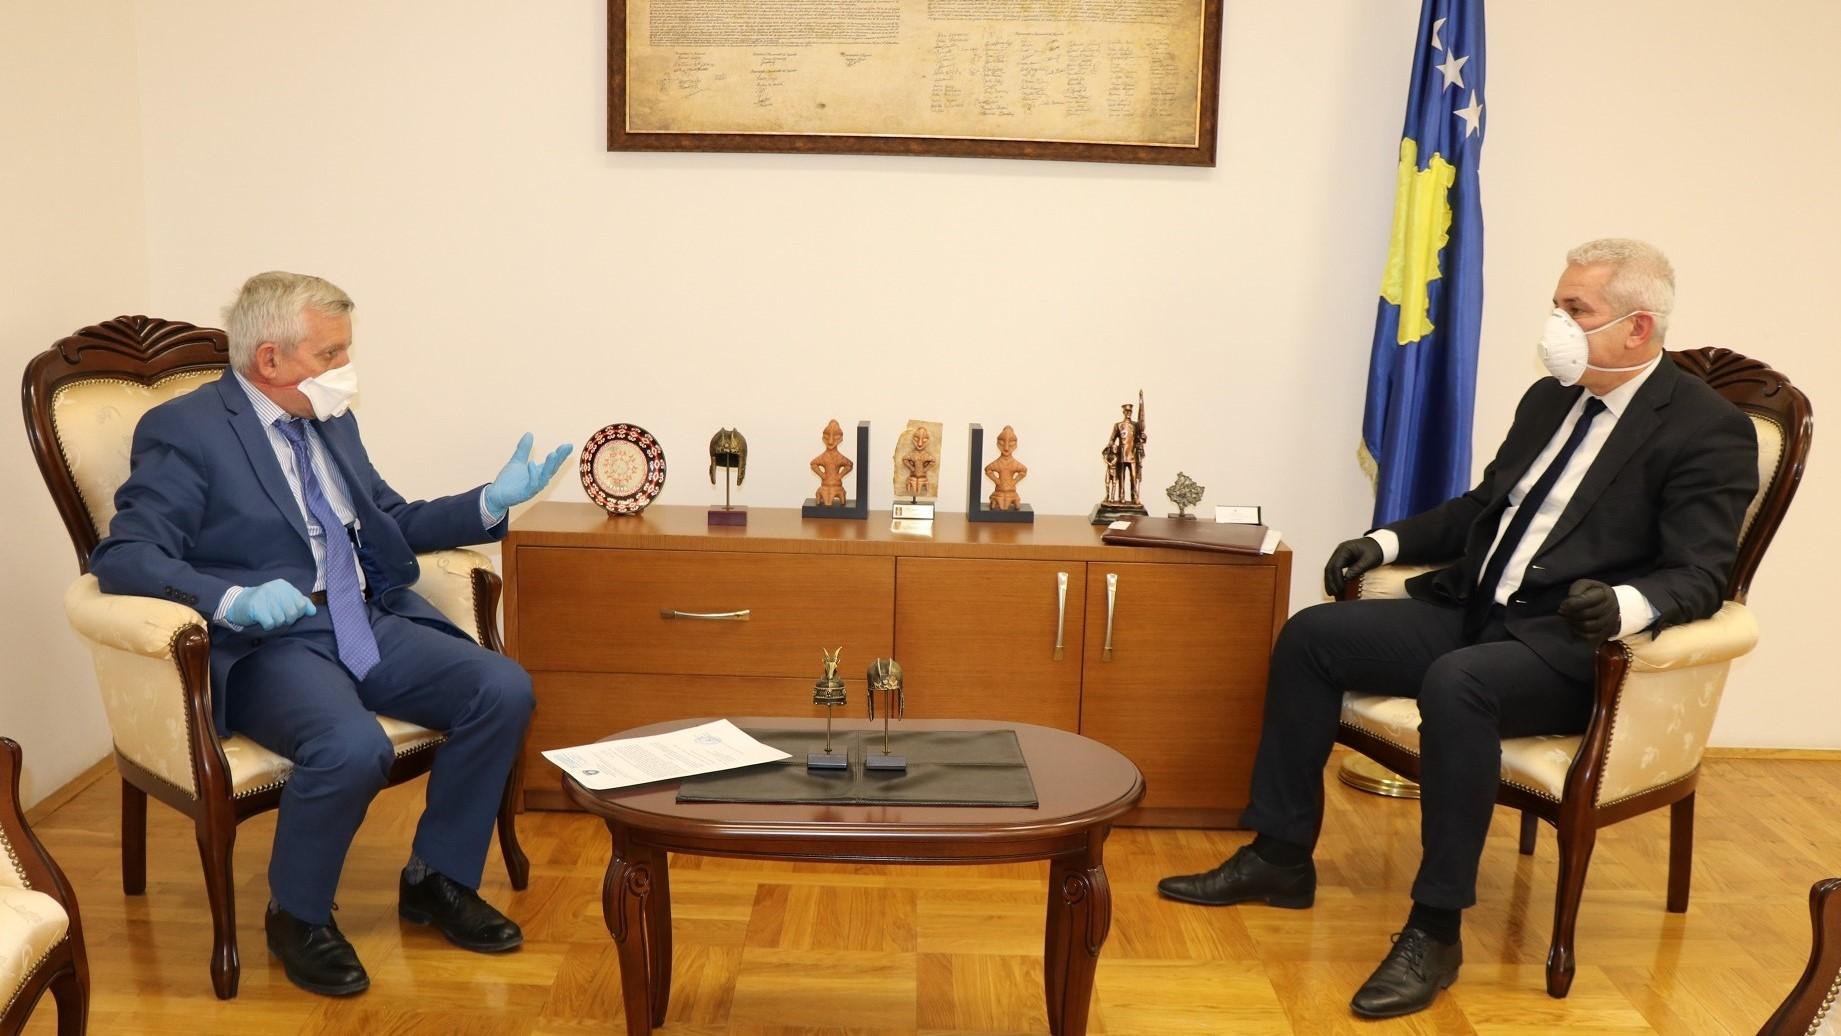 sveclja-i-mindozi-o-covid-19-i-saradnji-kosova-i-albanije